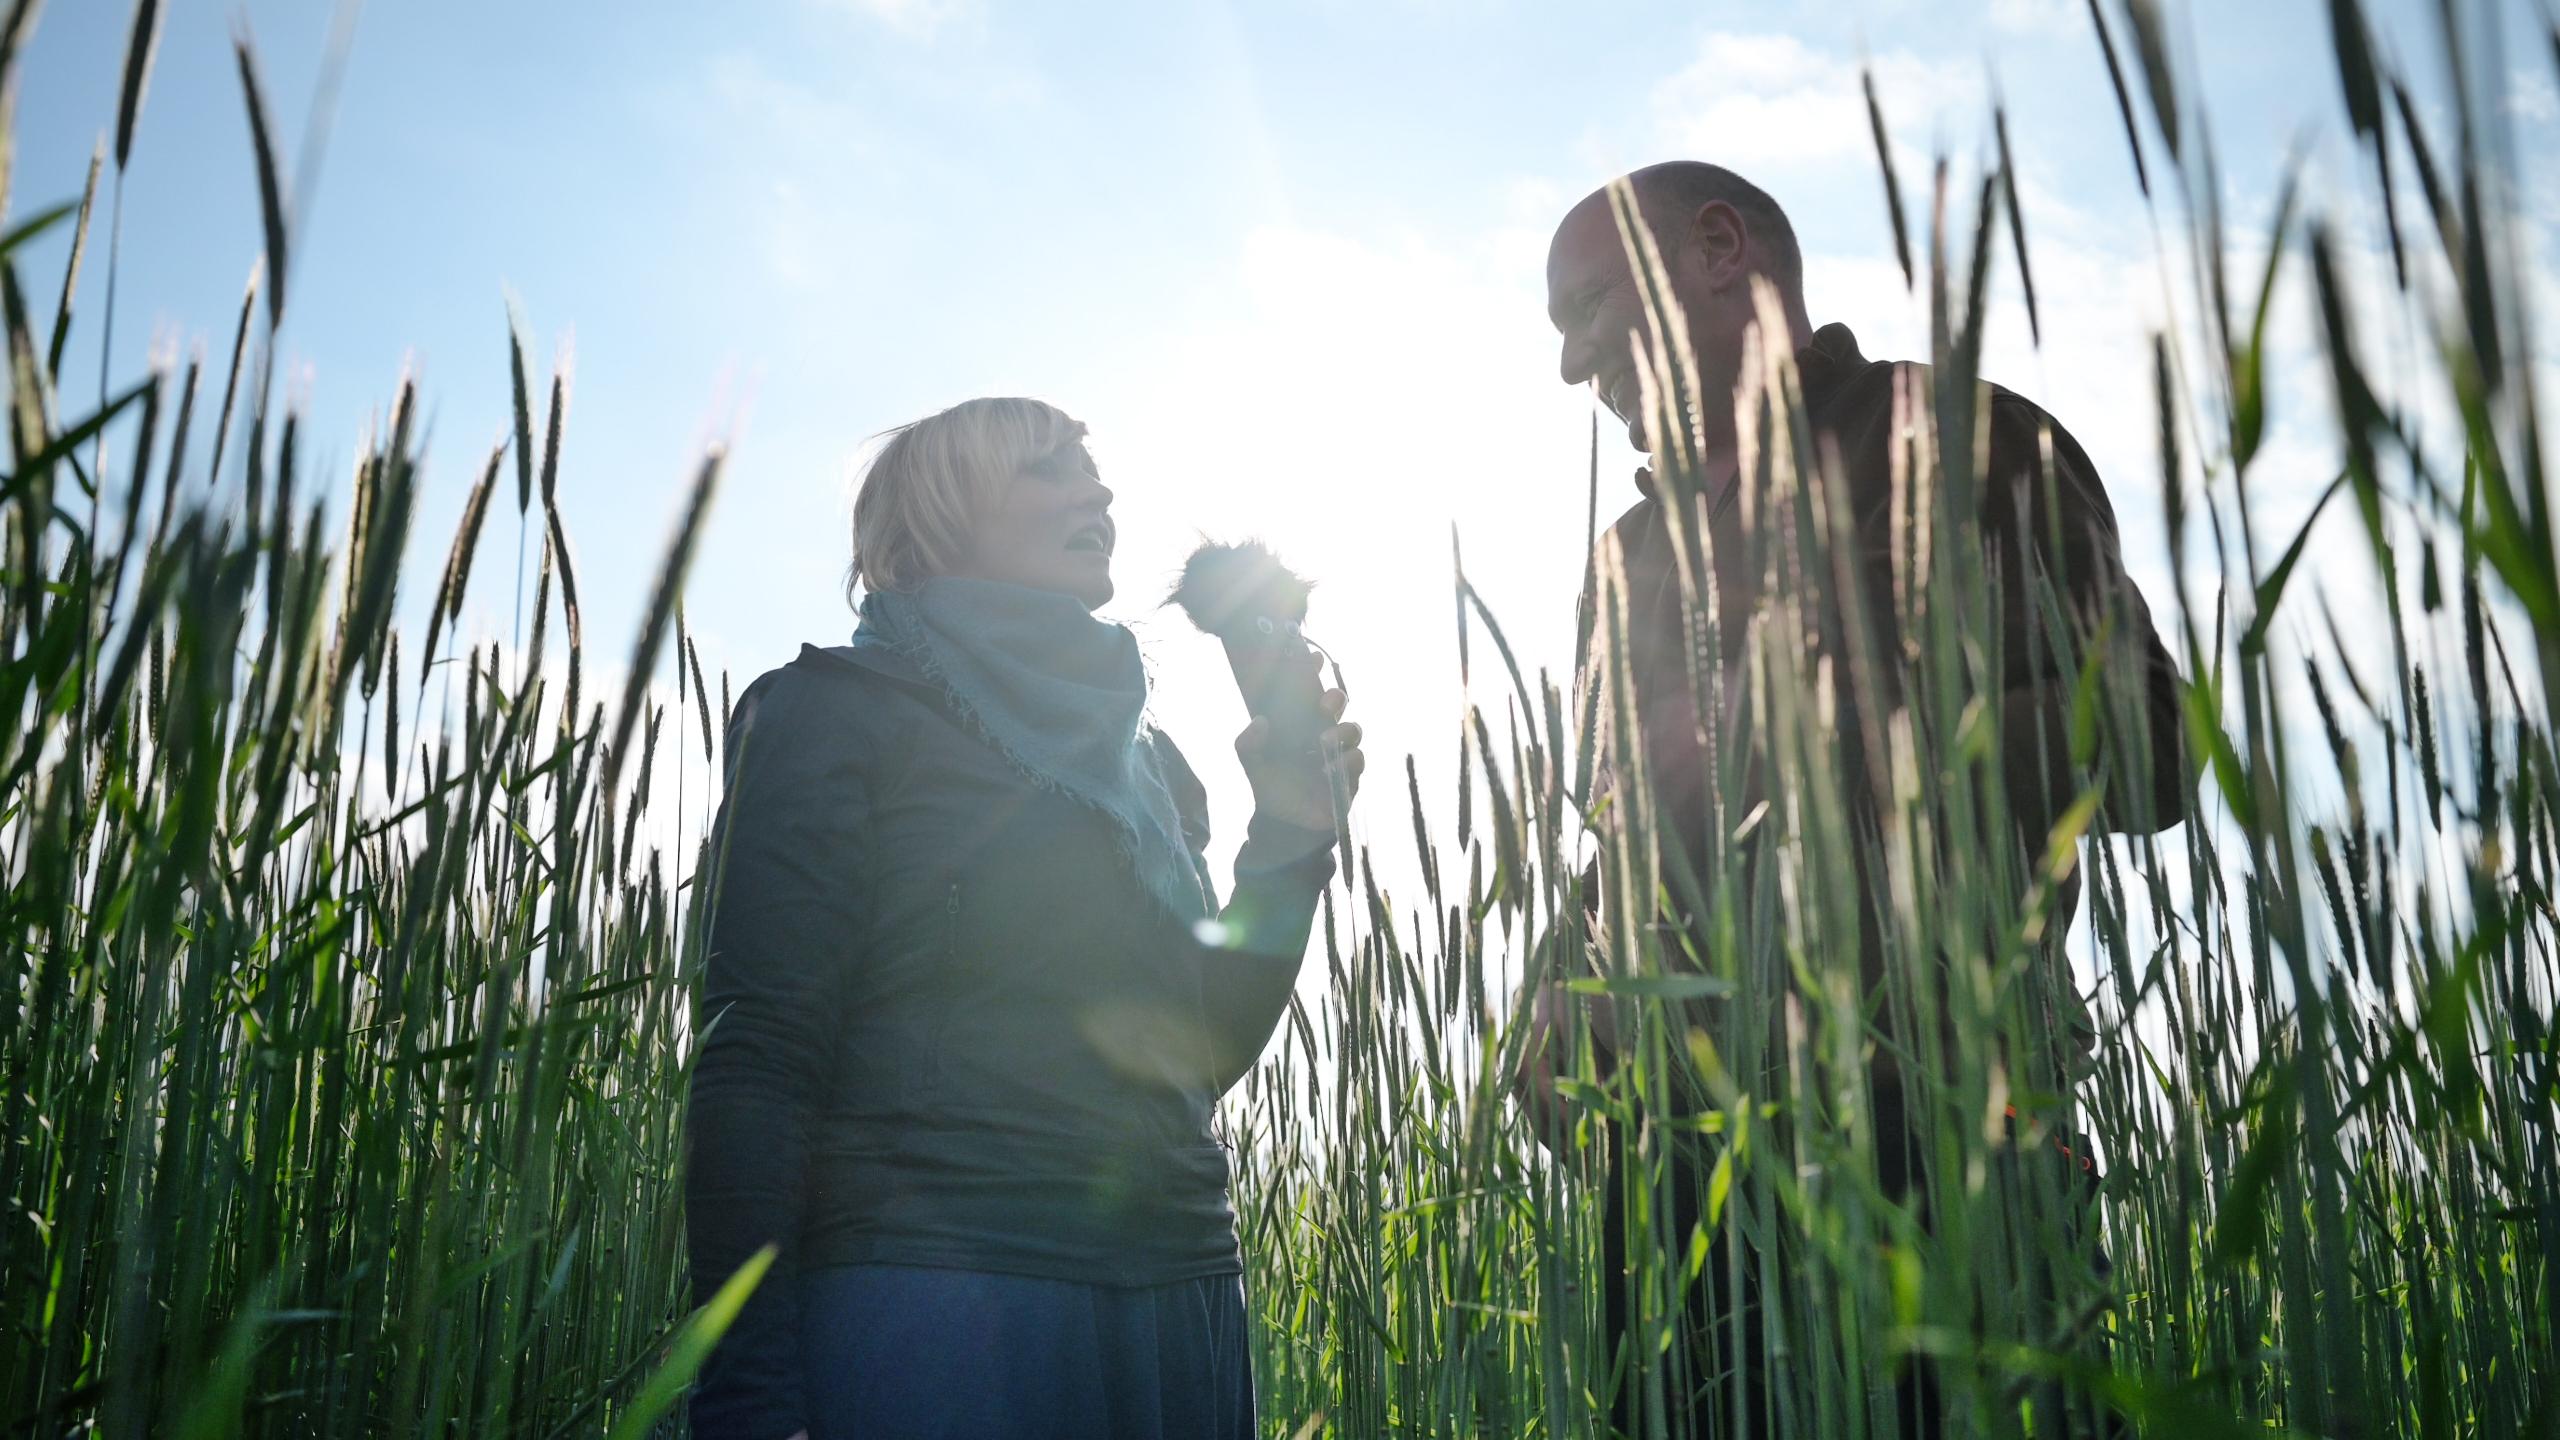 Feldführung mit Heiner Willenborg - Aukse TV - Regenerative Landwirtschaft